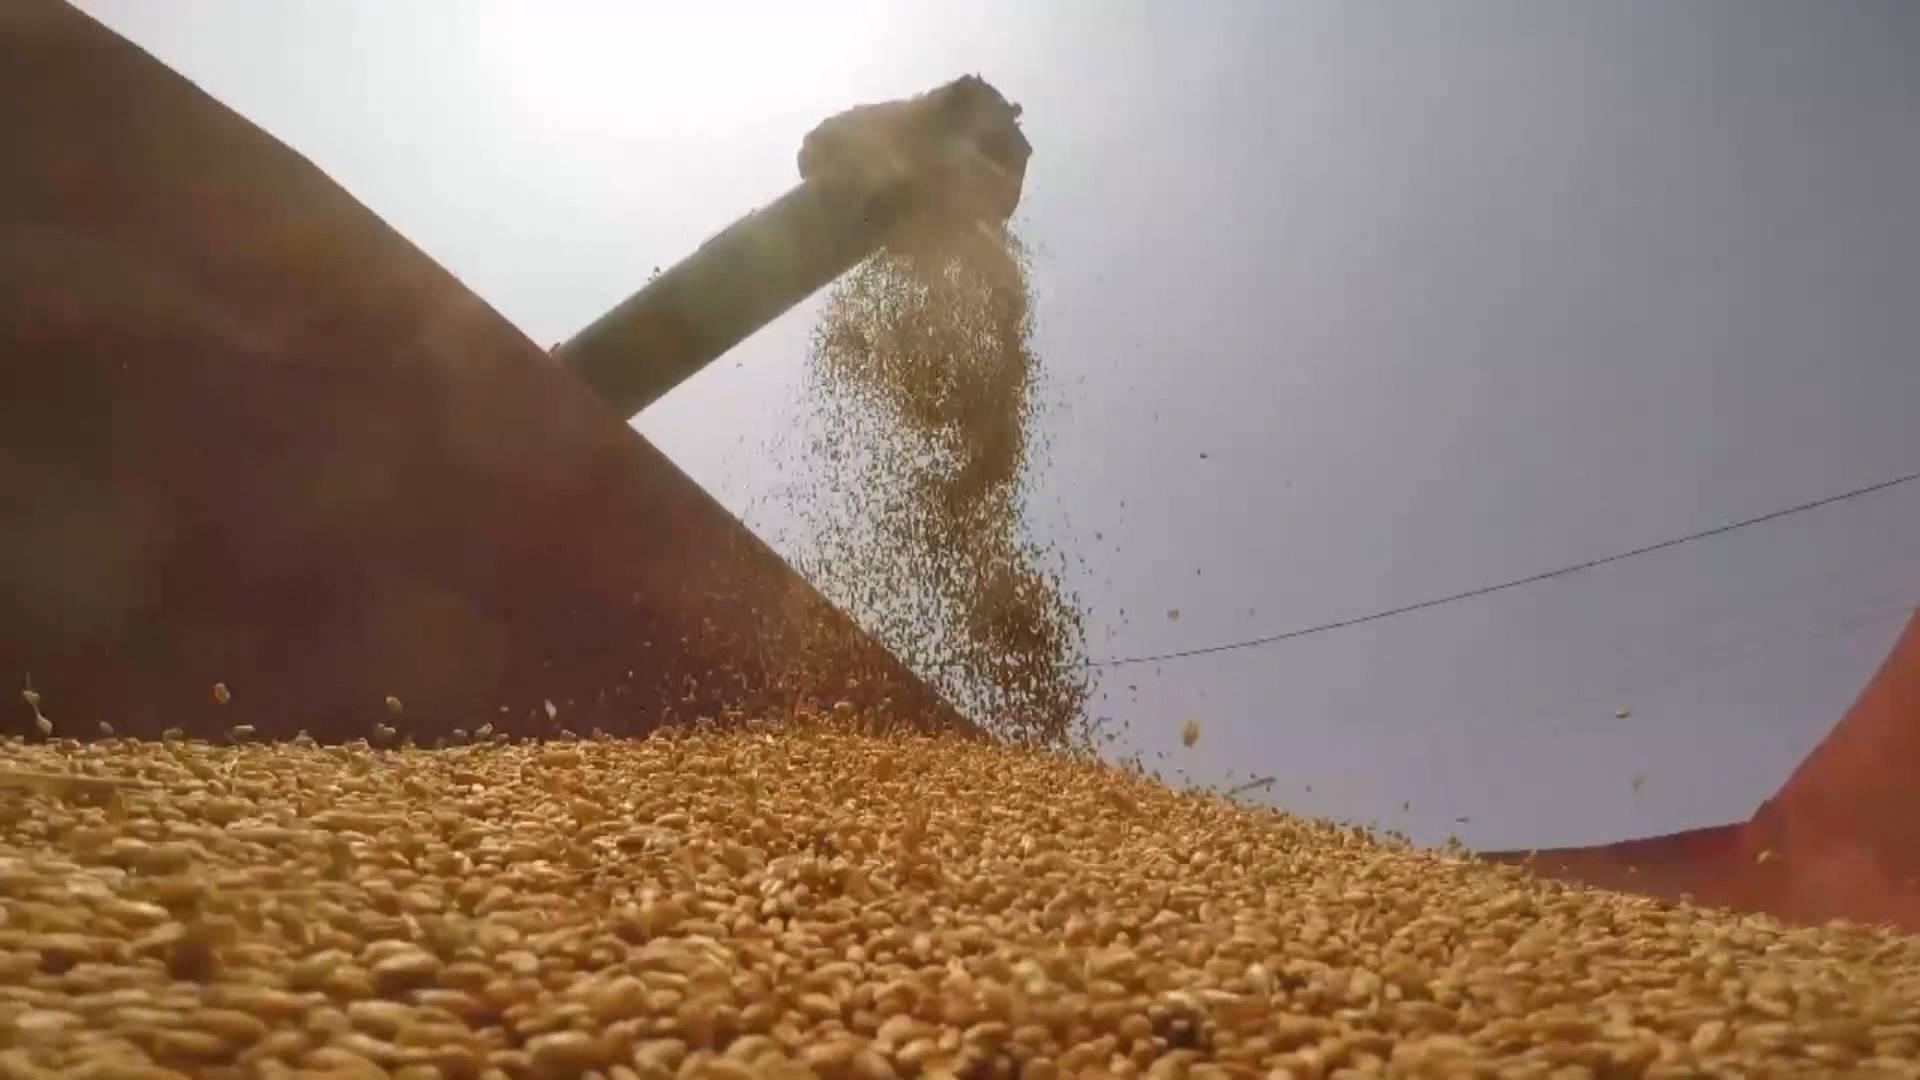 微视频 | 一粒小麦的旅行